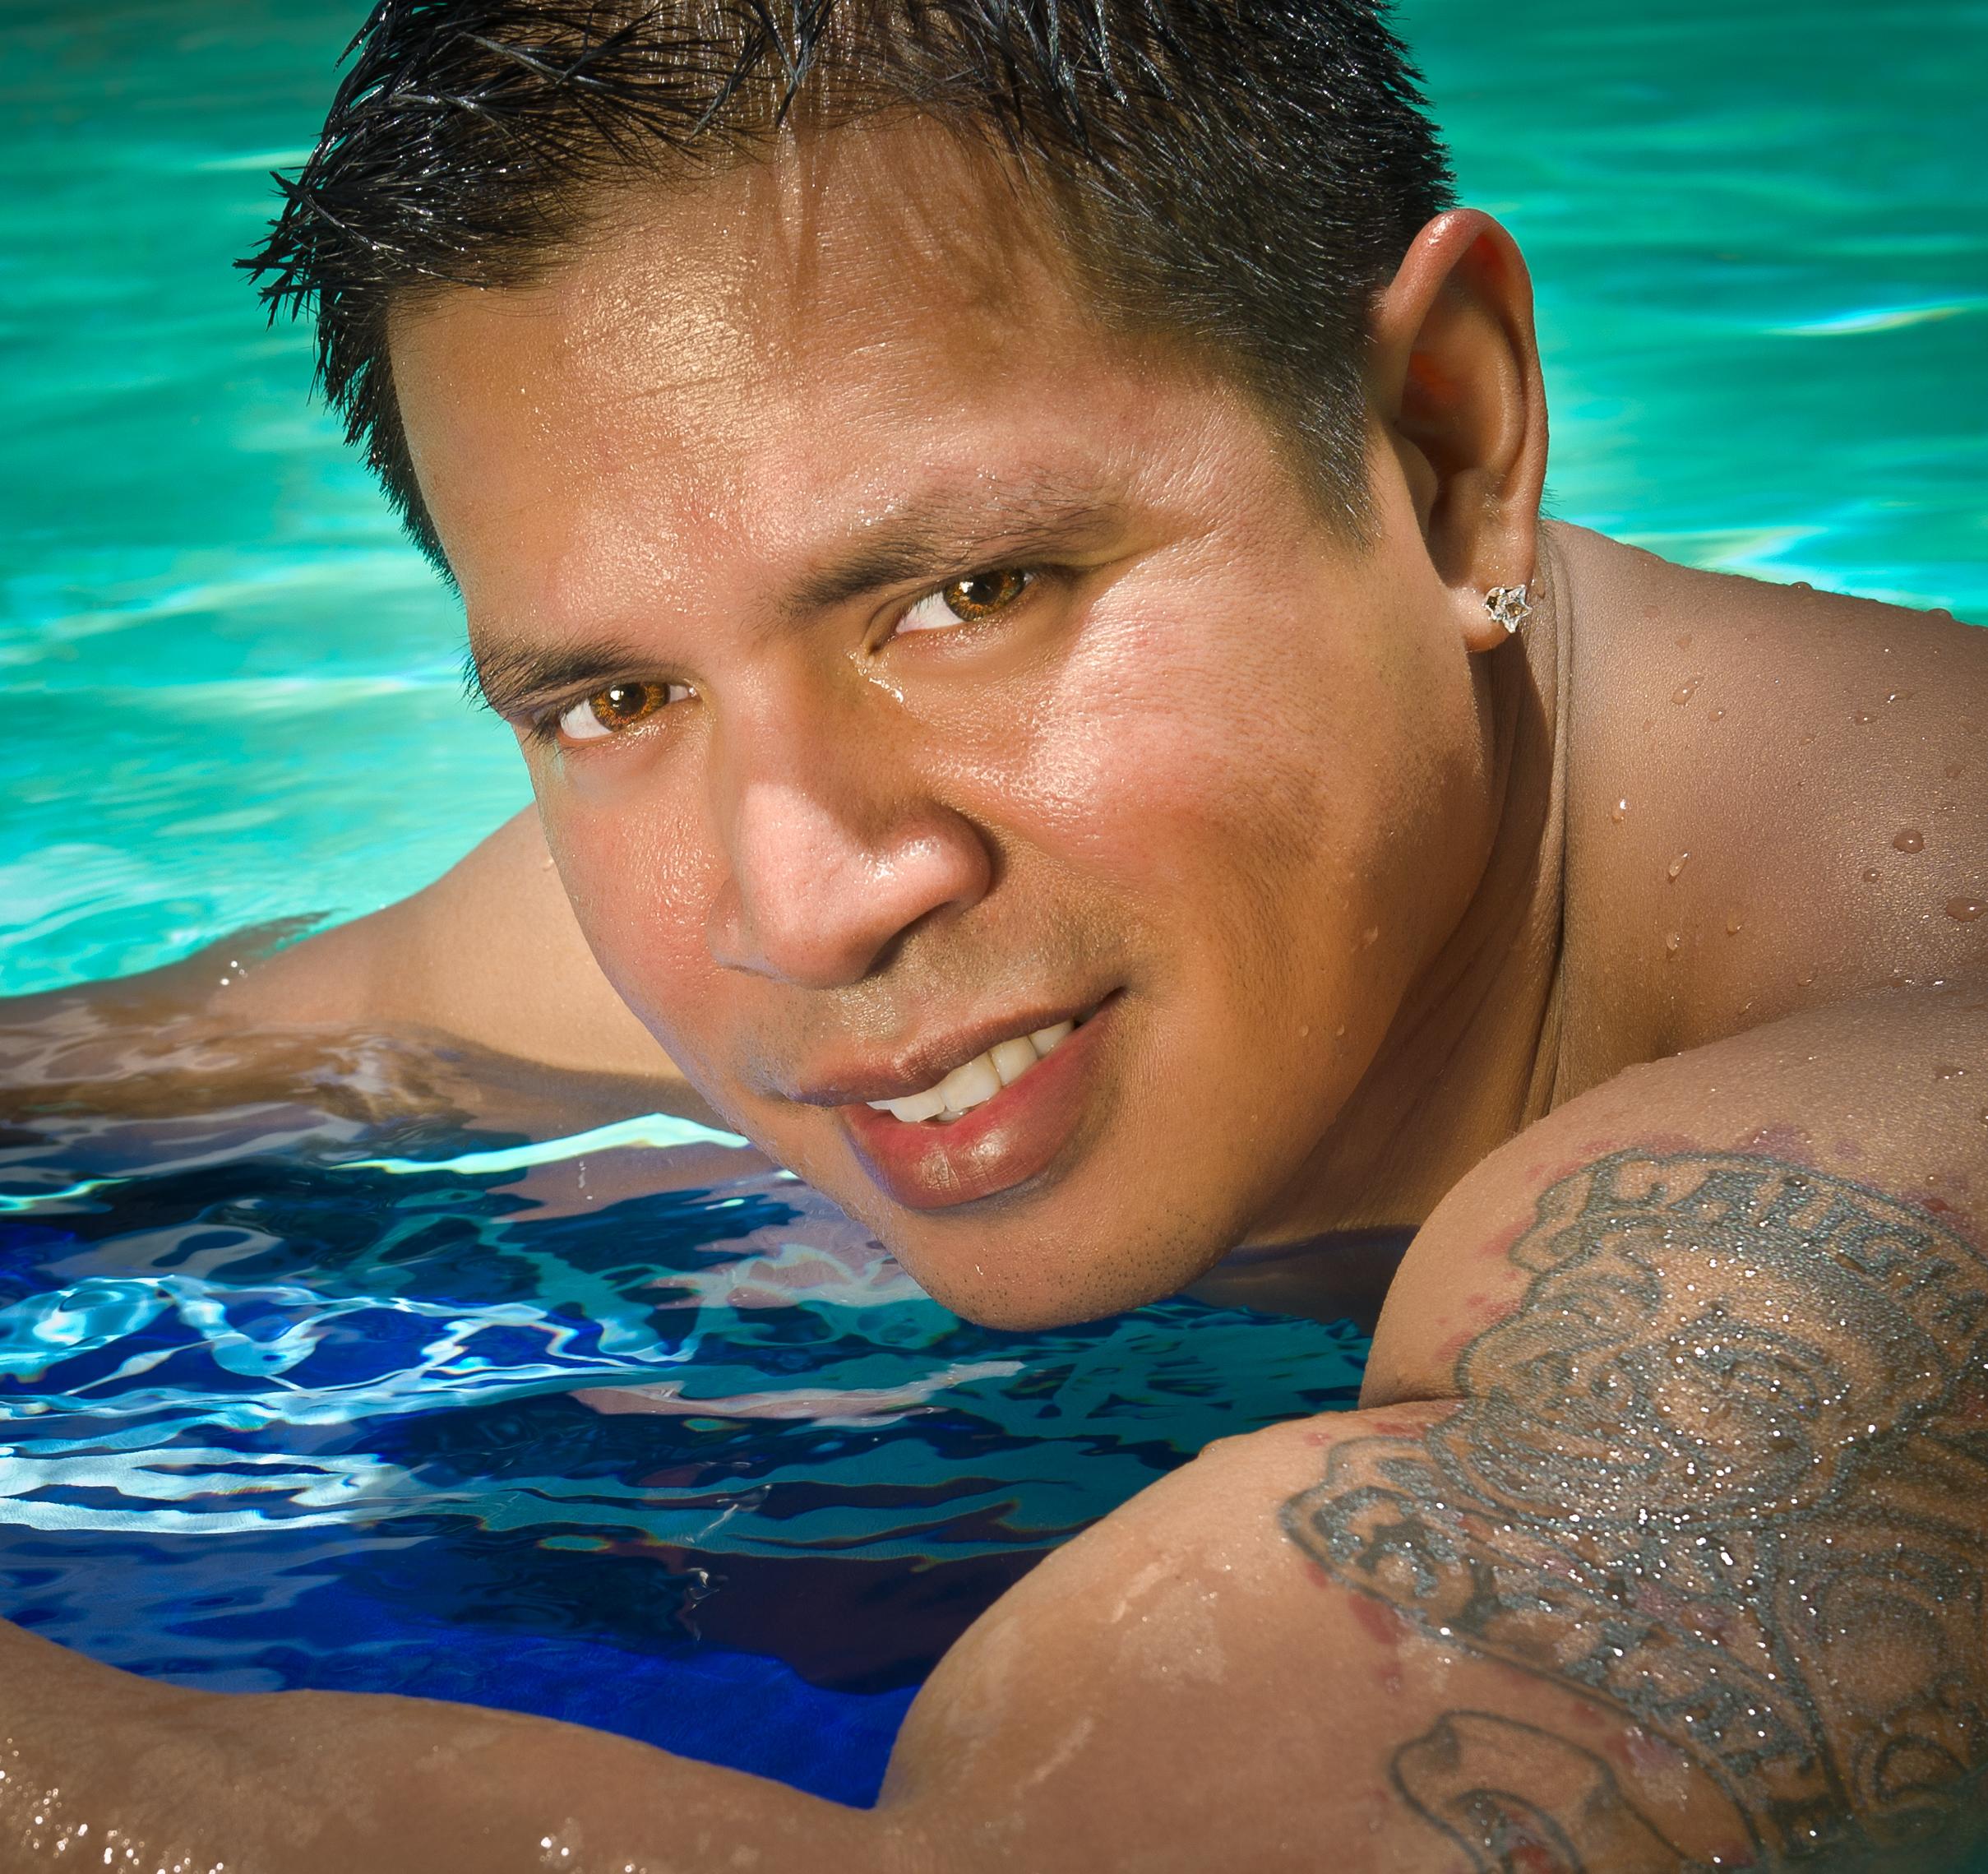 20110701-20110701-1107_JonnyB_076.jpg